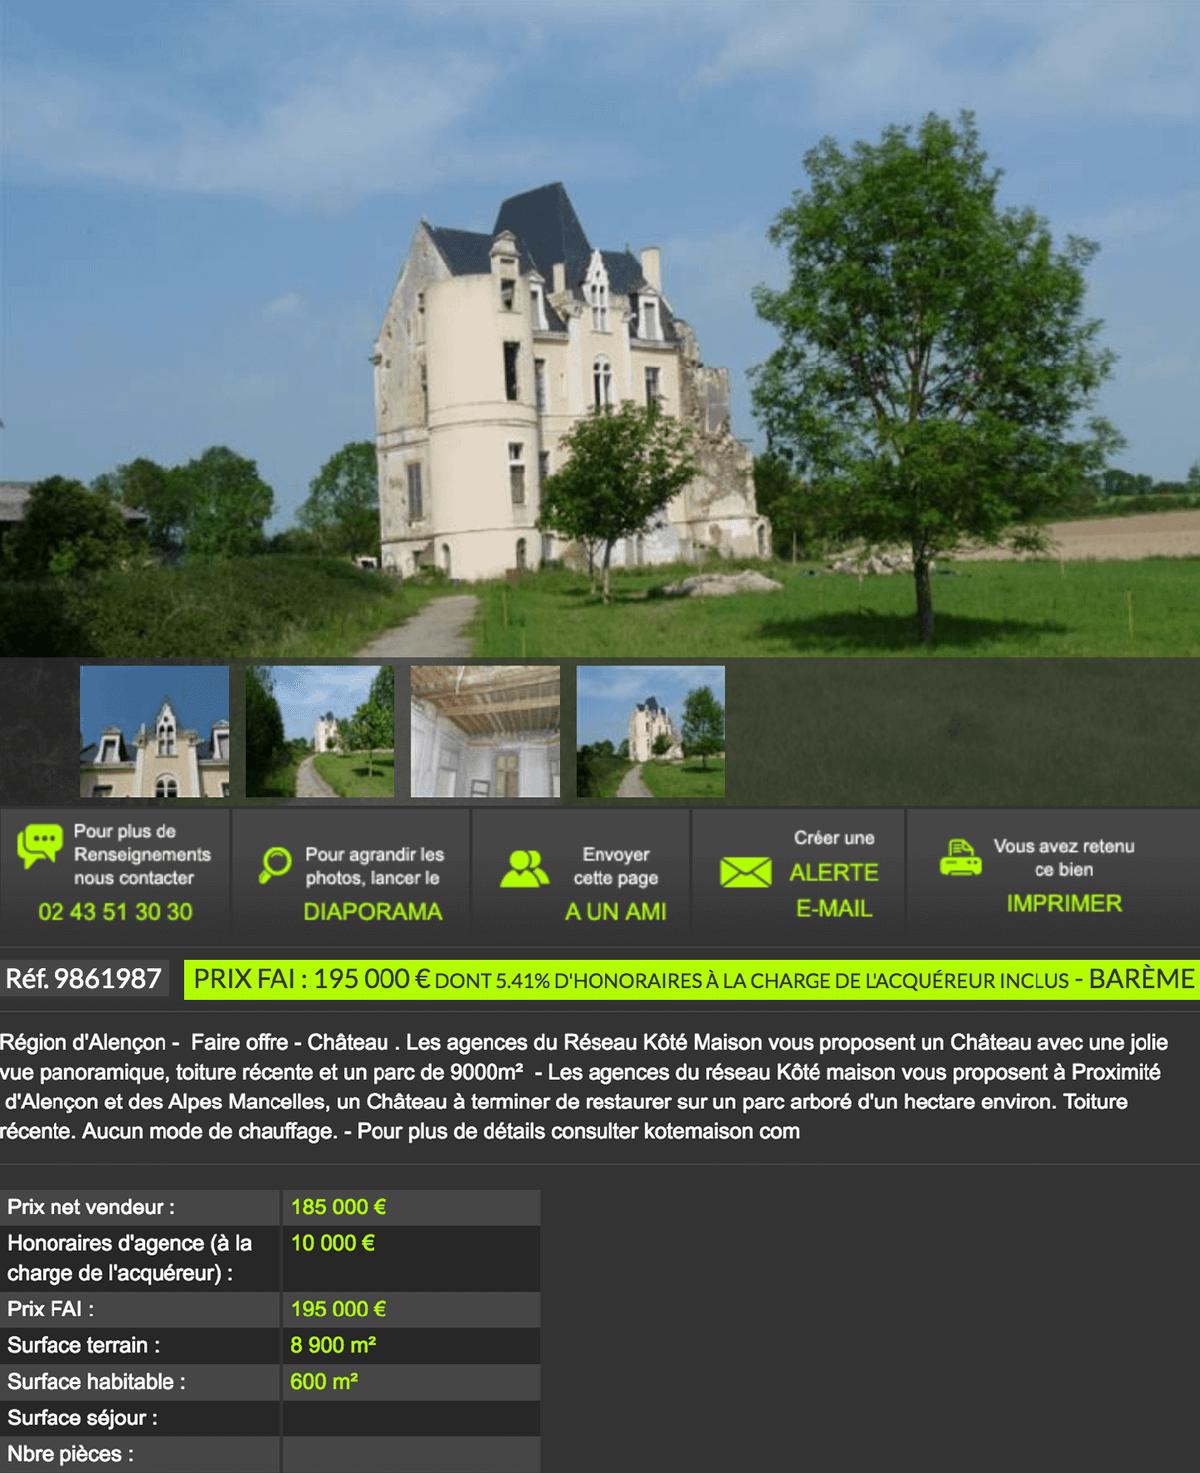 Замок жилой площадью 600 м² на участке 8900 м² продается за 195 000€, включая вознаграждение агентства